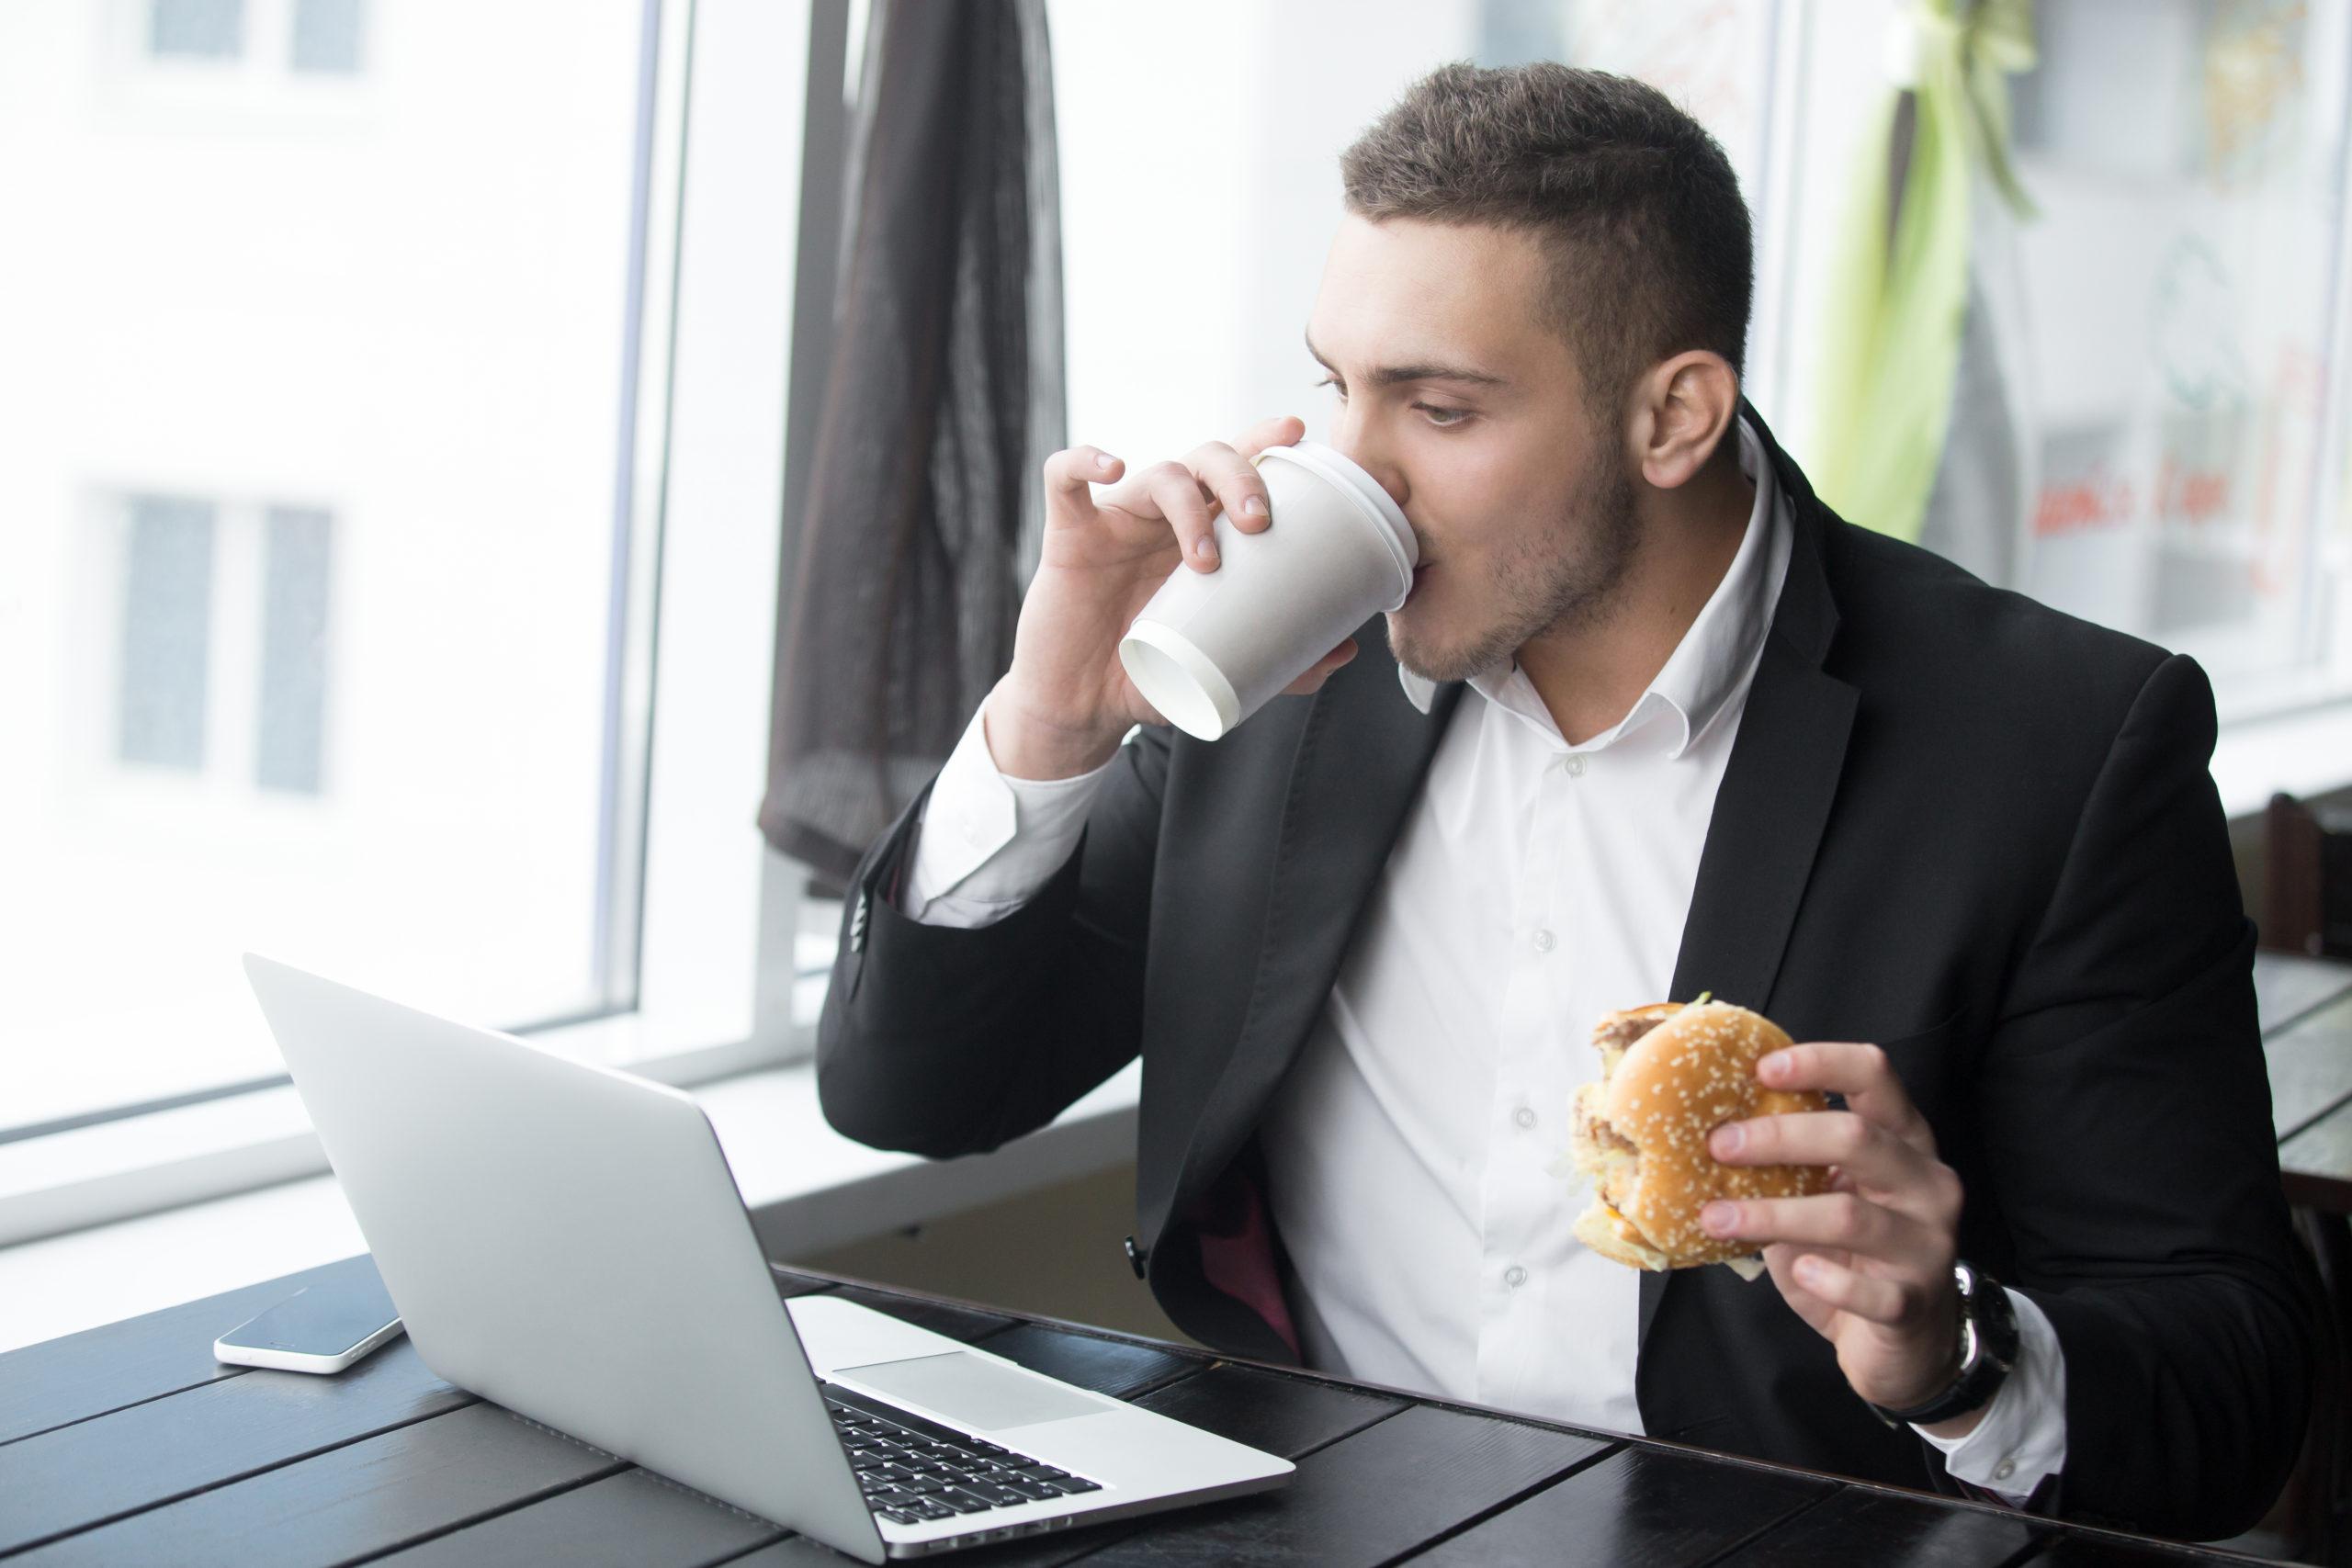 Hombre sedentario comiendo trabajando